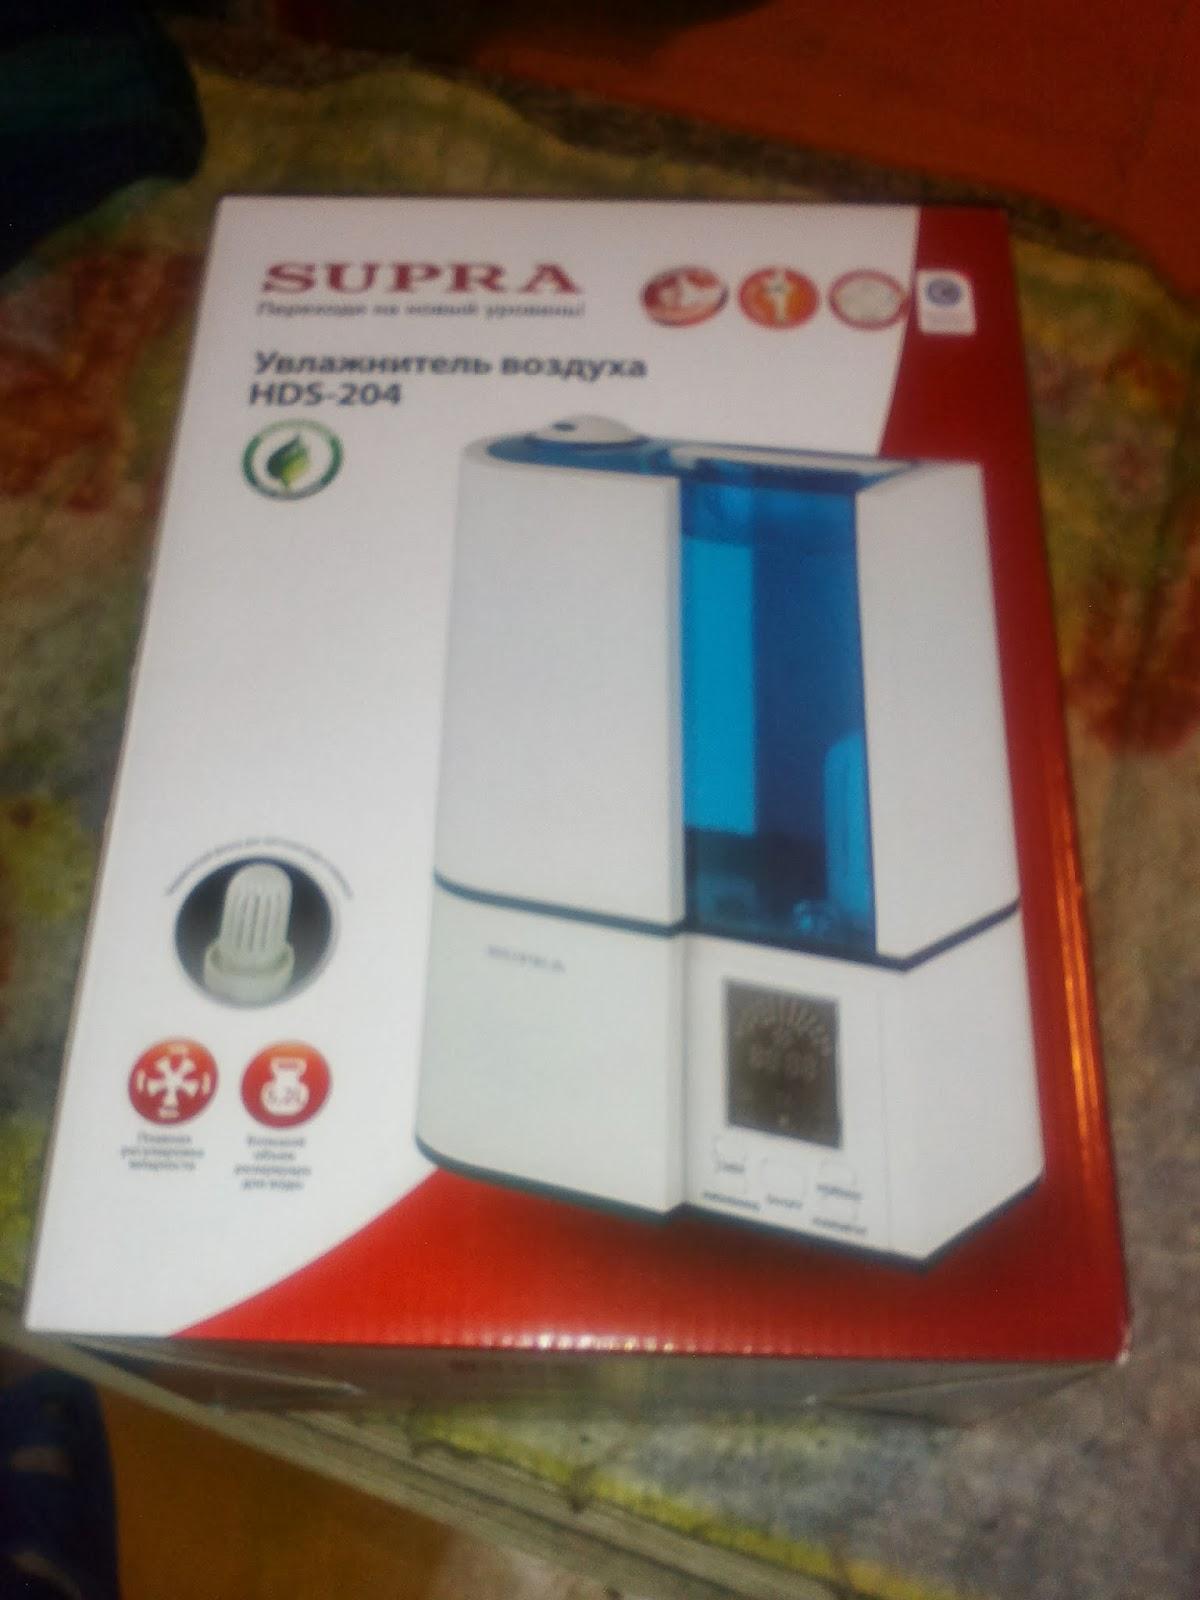 supra-hds-204 в упаковке